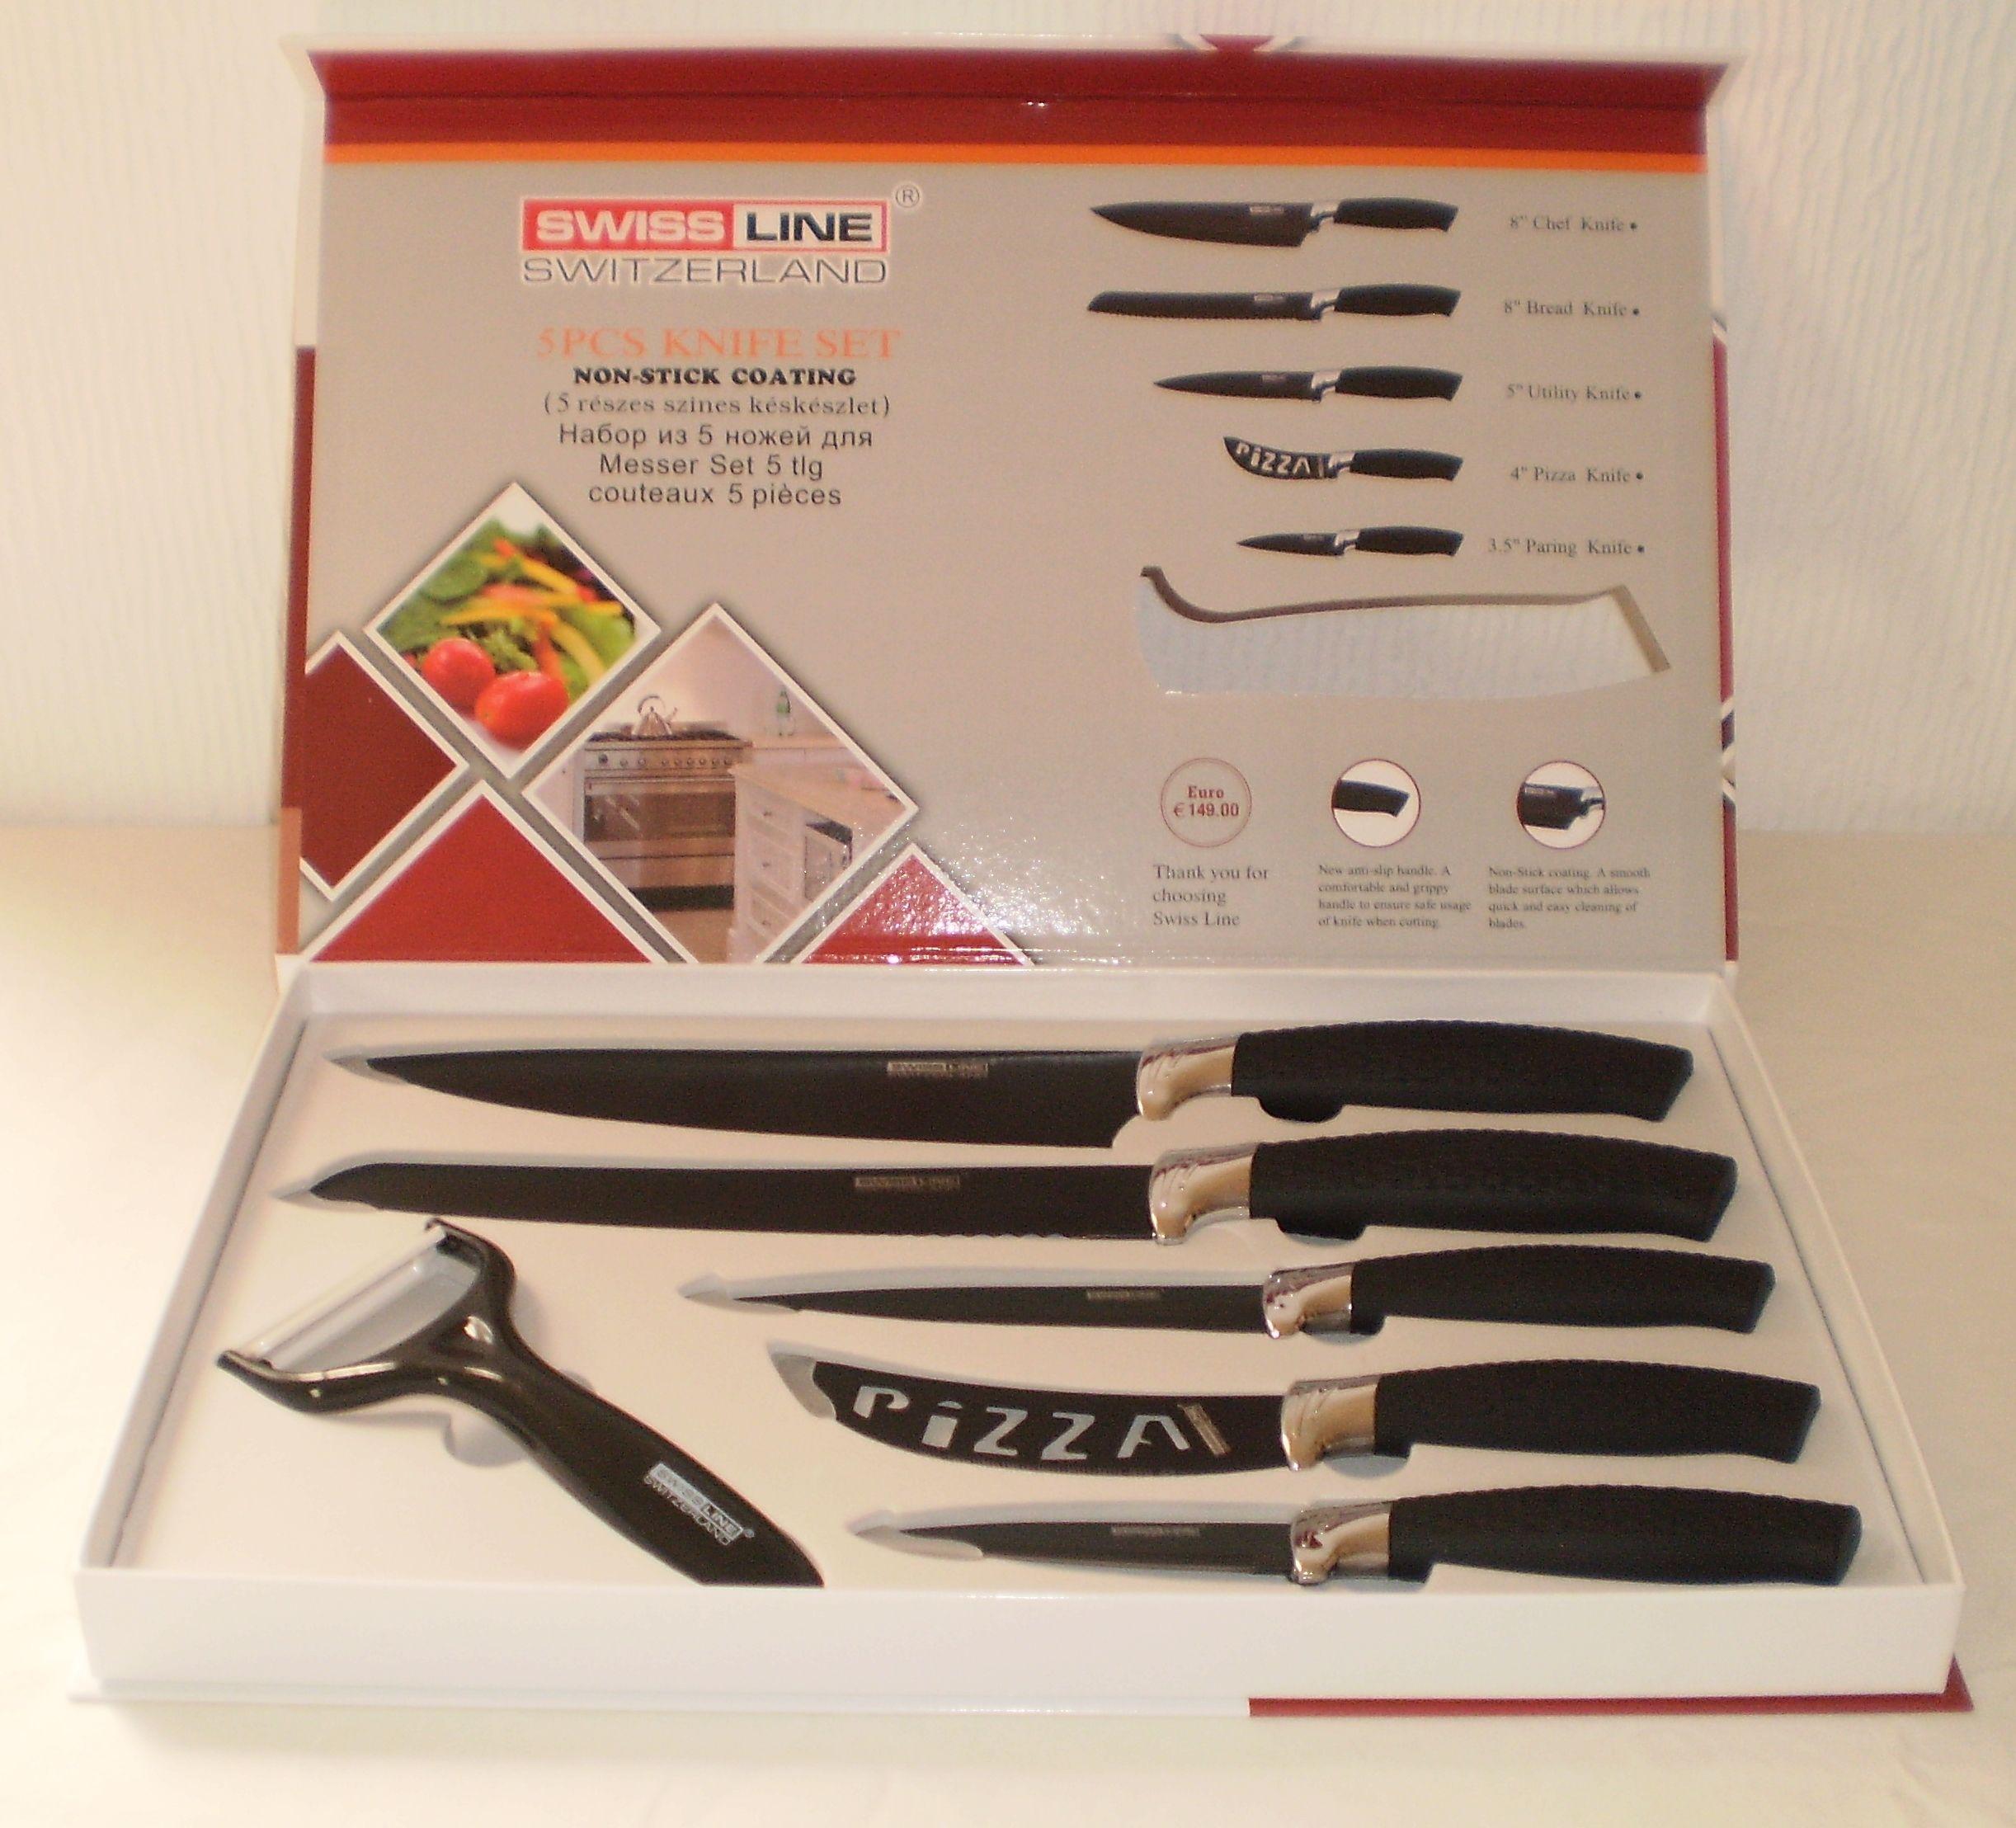 swiss line switzerland 5 piece non stick kitchen chef knife set swiss line switzerland 5 piece non stick kitchen chef knife set